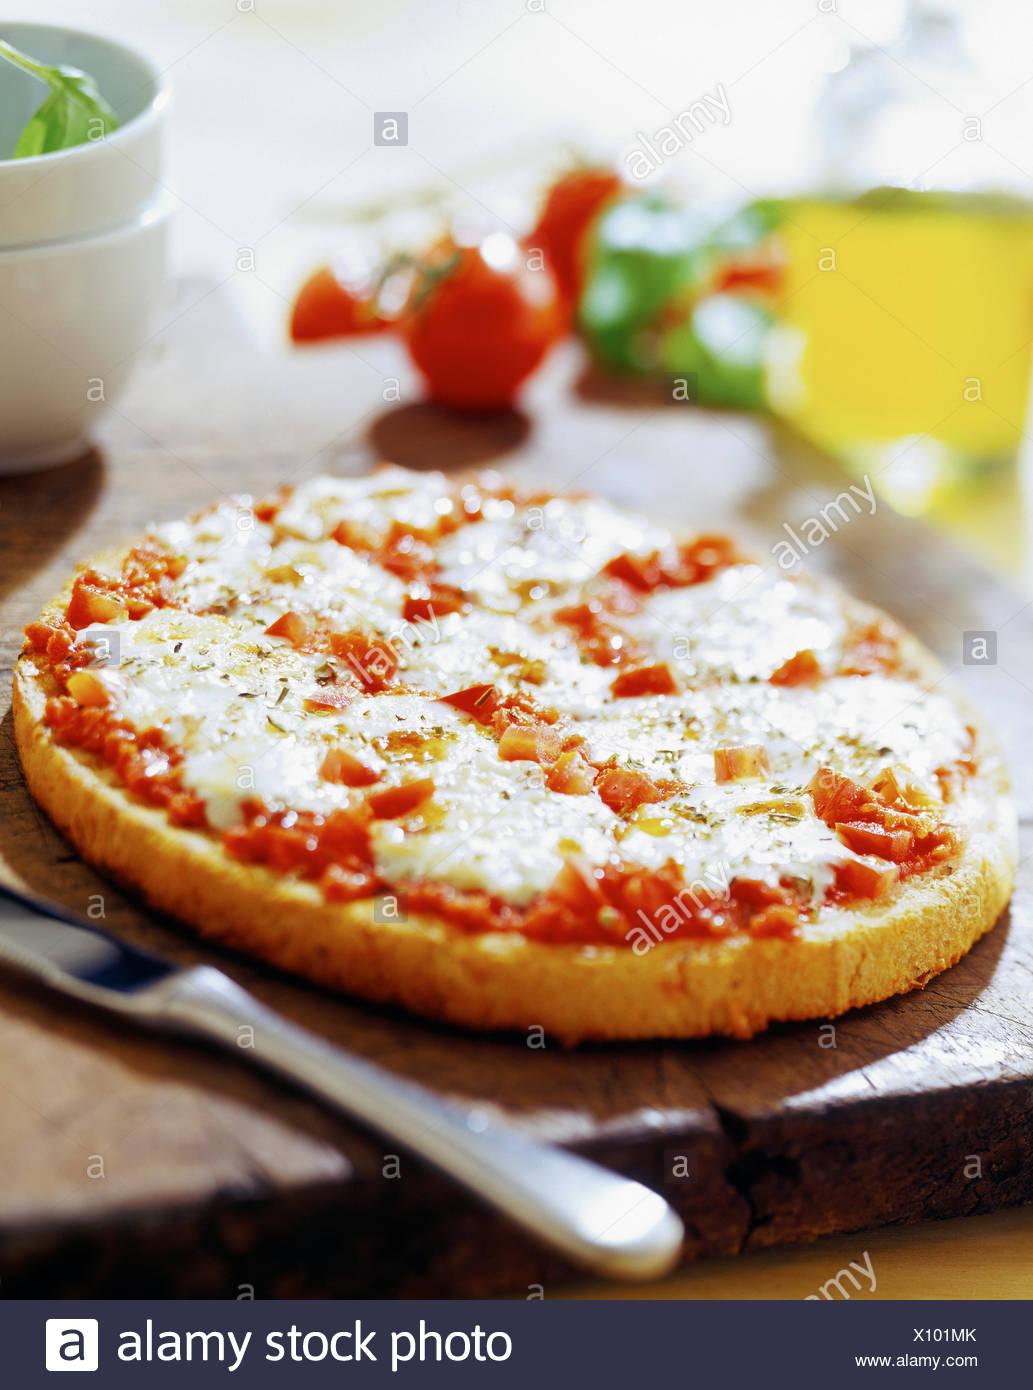 Queso-tomate pizza Imagen De Stock